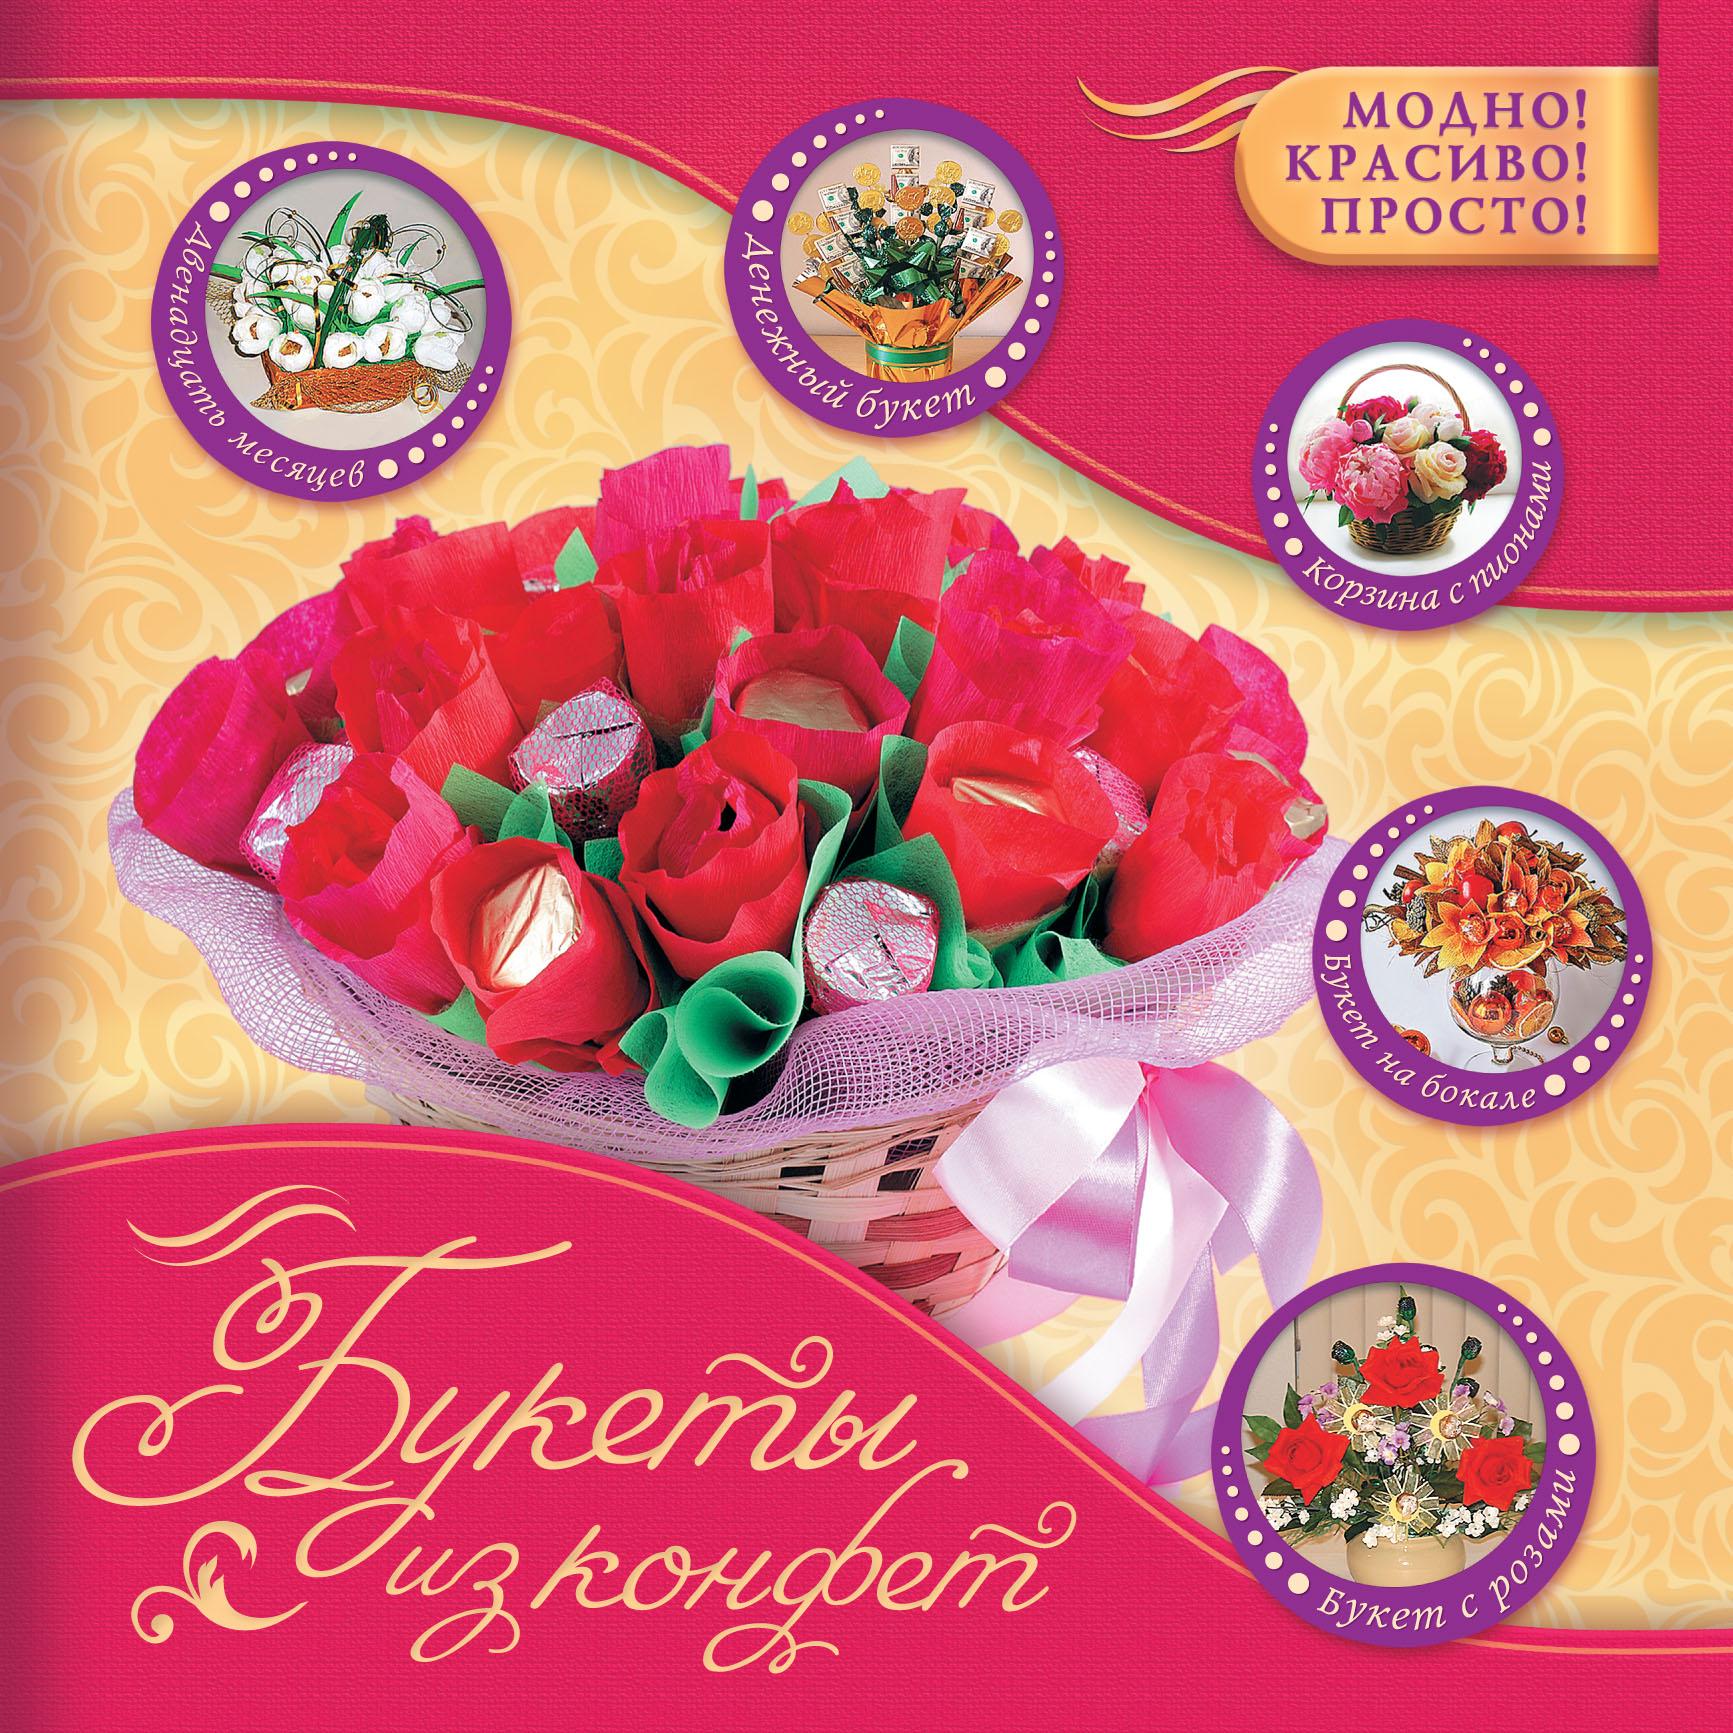 Снежана Фиалковская Букеты из конфет елена шипилова как сделать букеты из конфет в пошаговых фотографиях